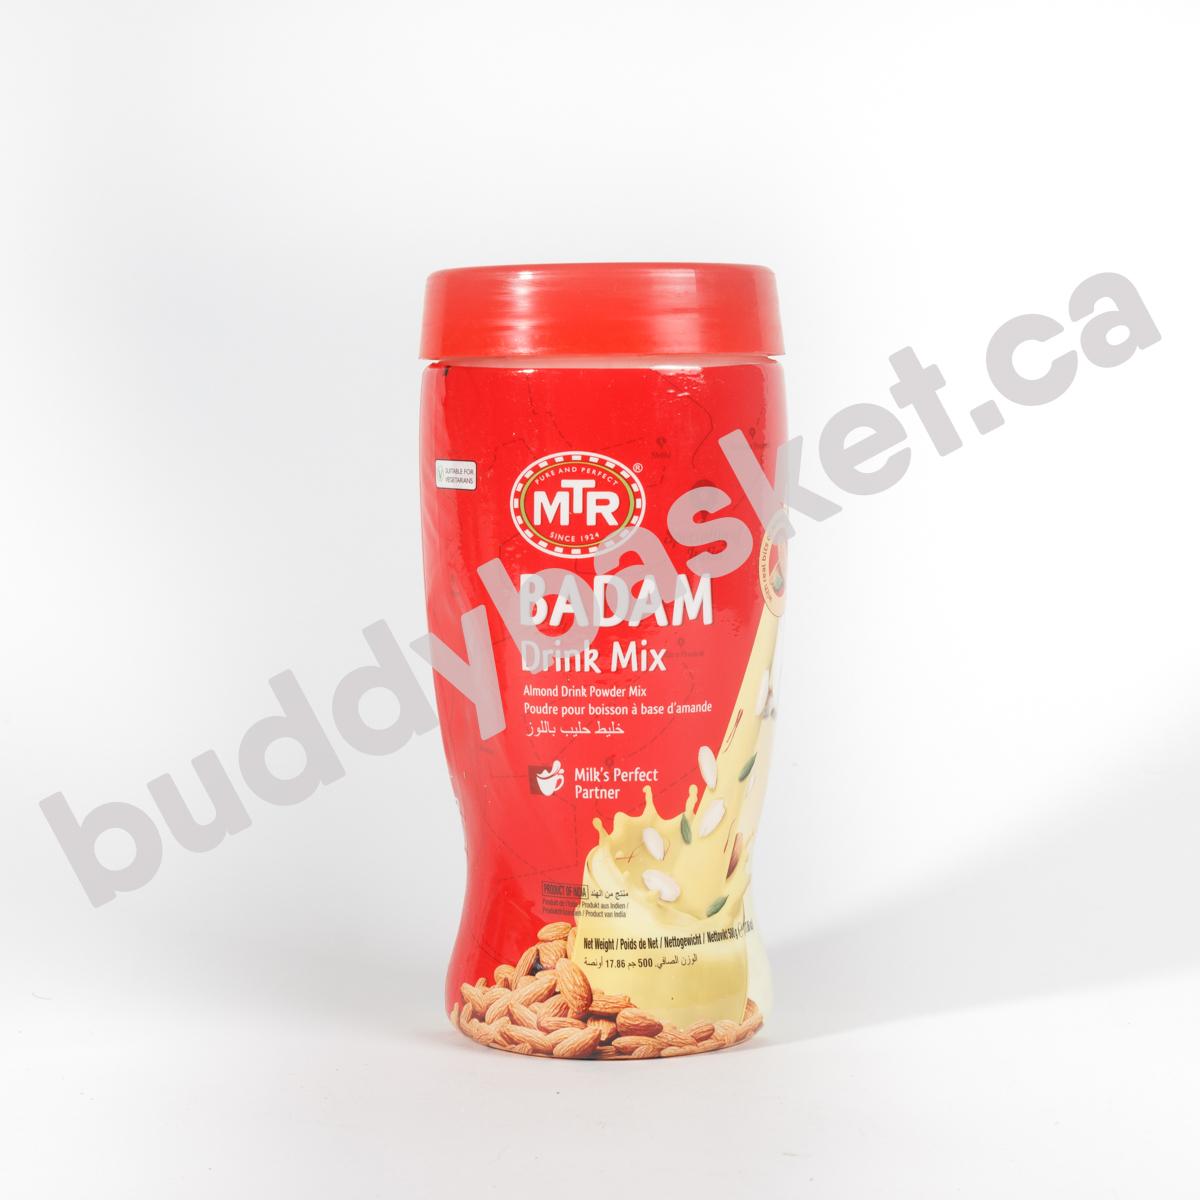 MTR Badam Drink Mix 500g